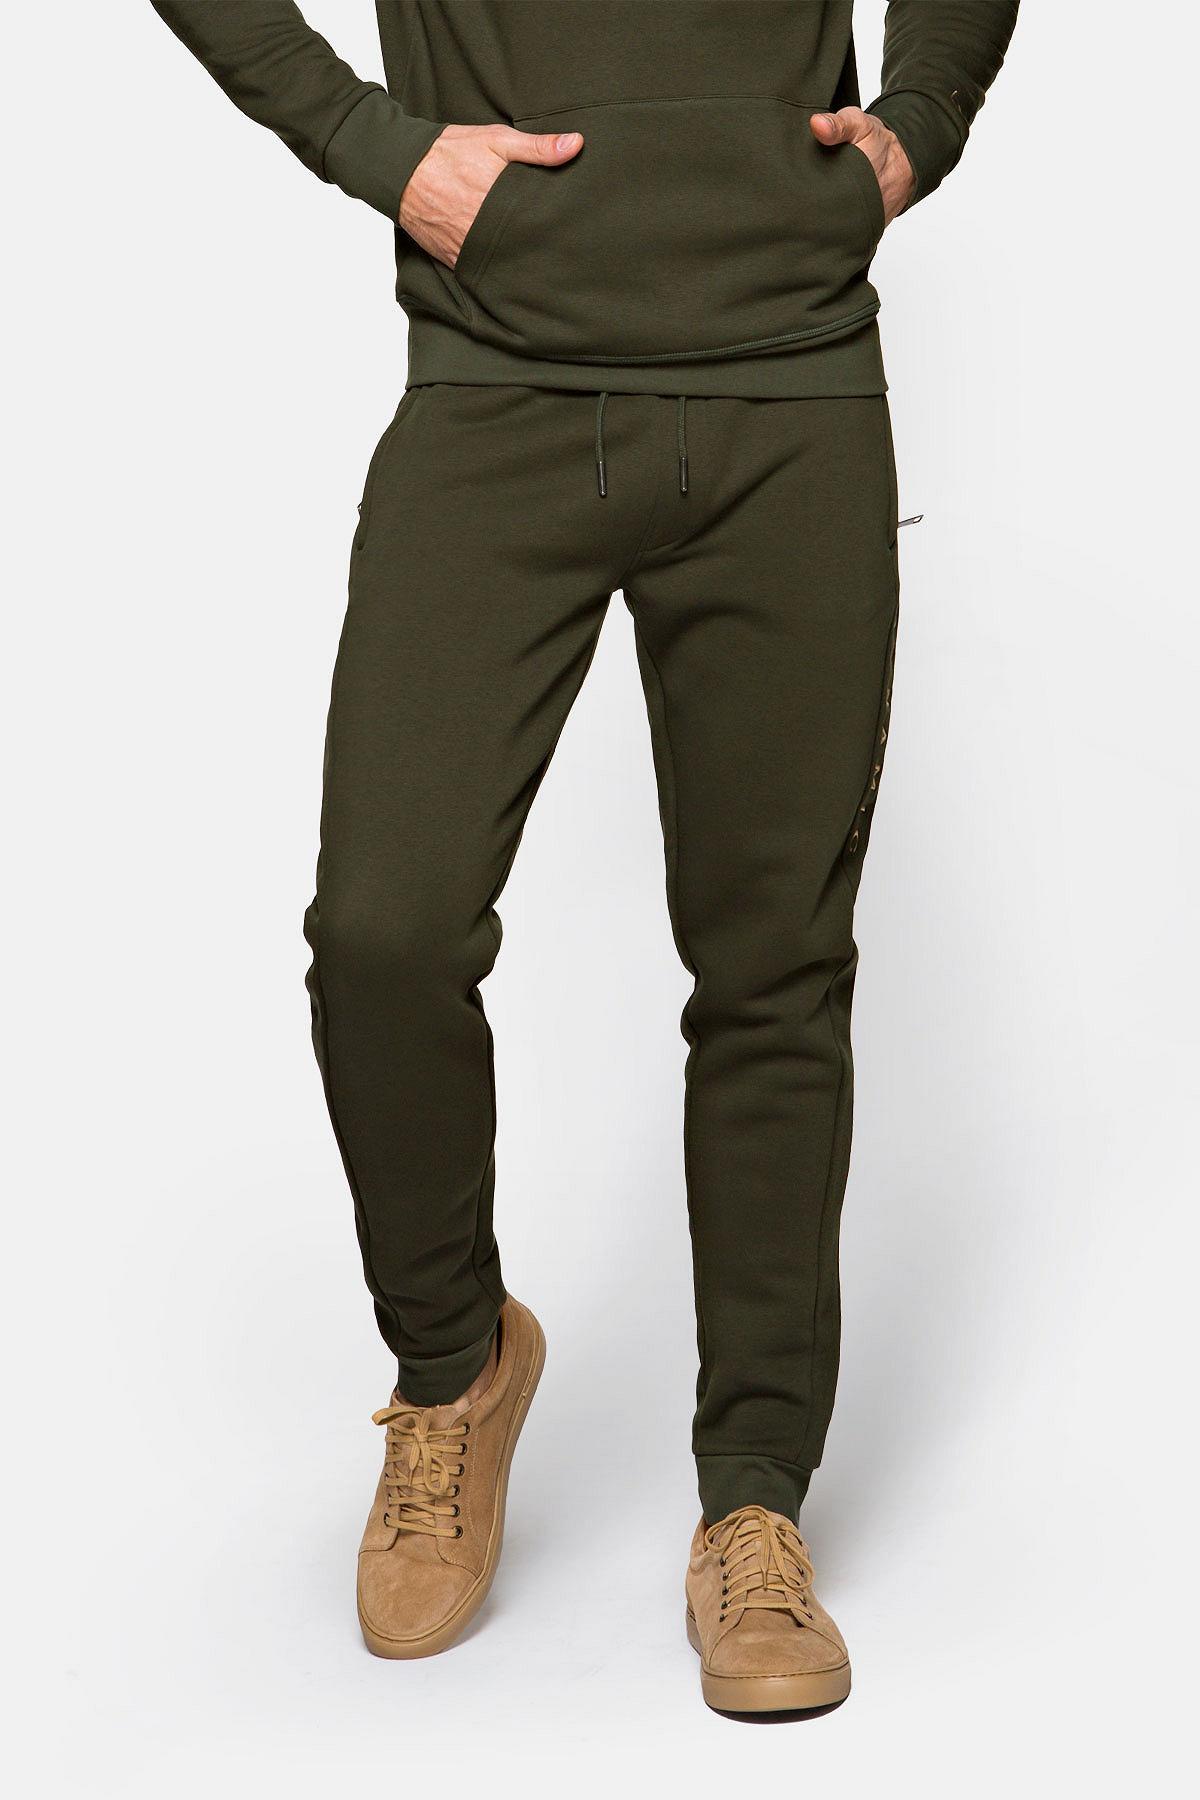 Spodnie Zielone Dresowe Swinton rozmiar 2XL; L; M; XL